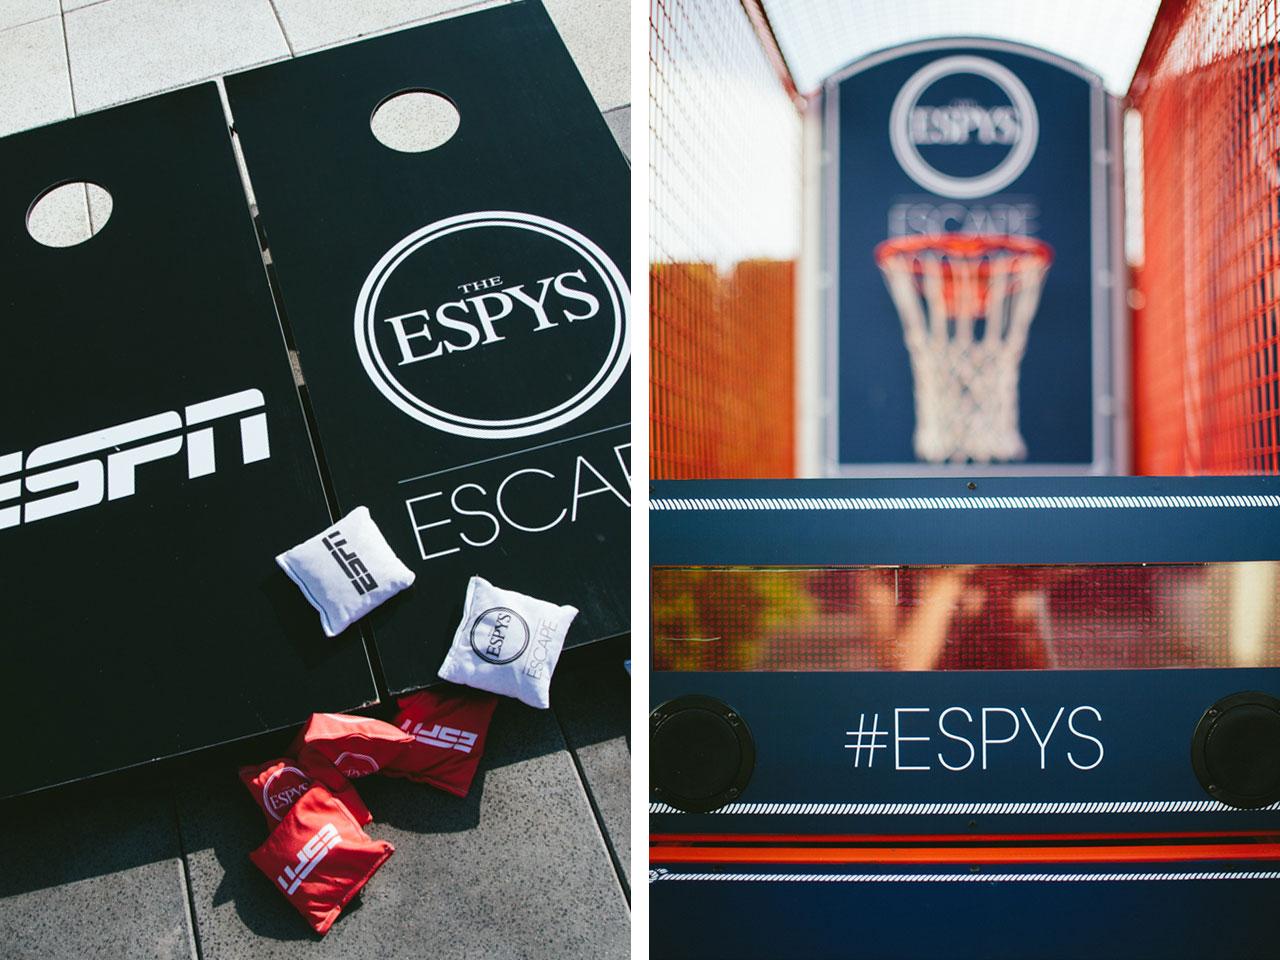 AgenC ESPN ESPYS